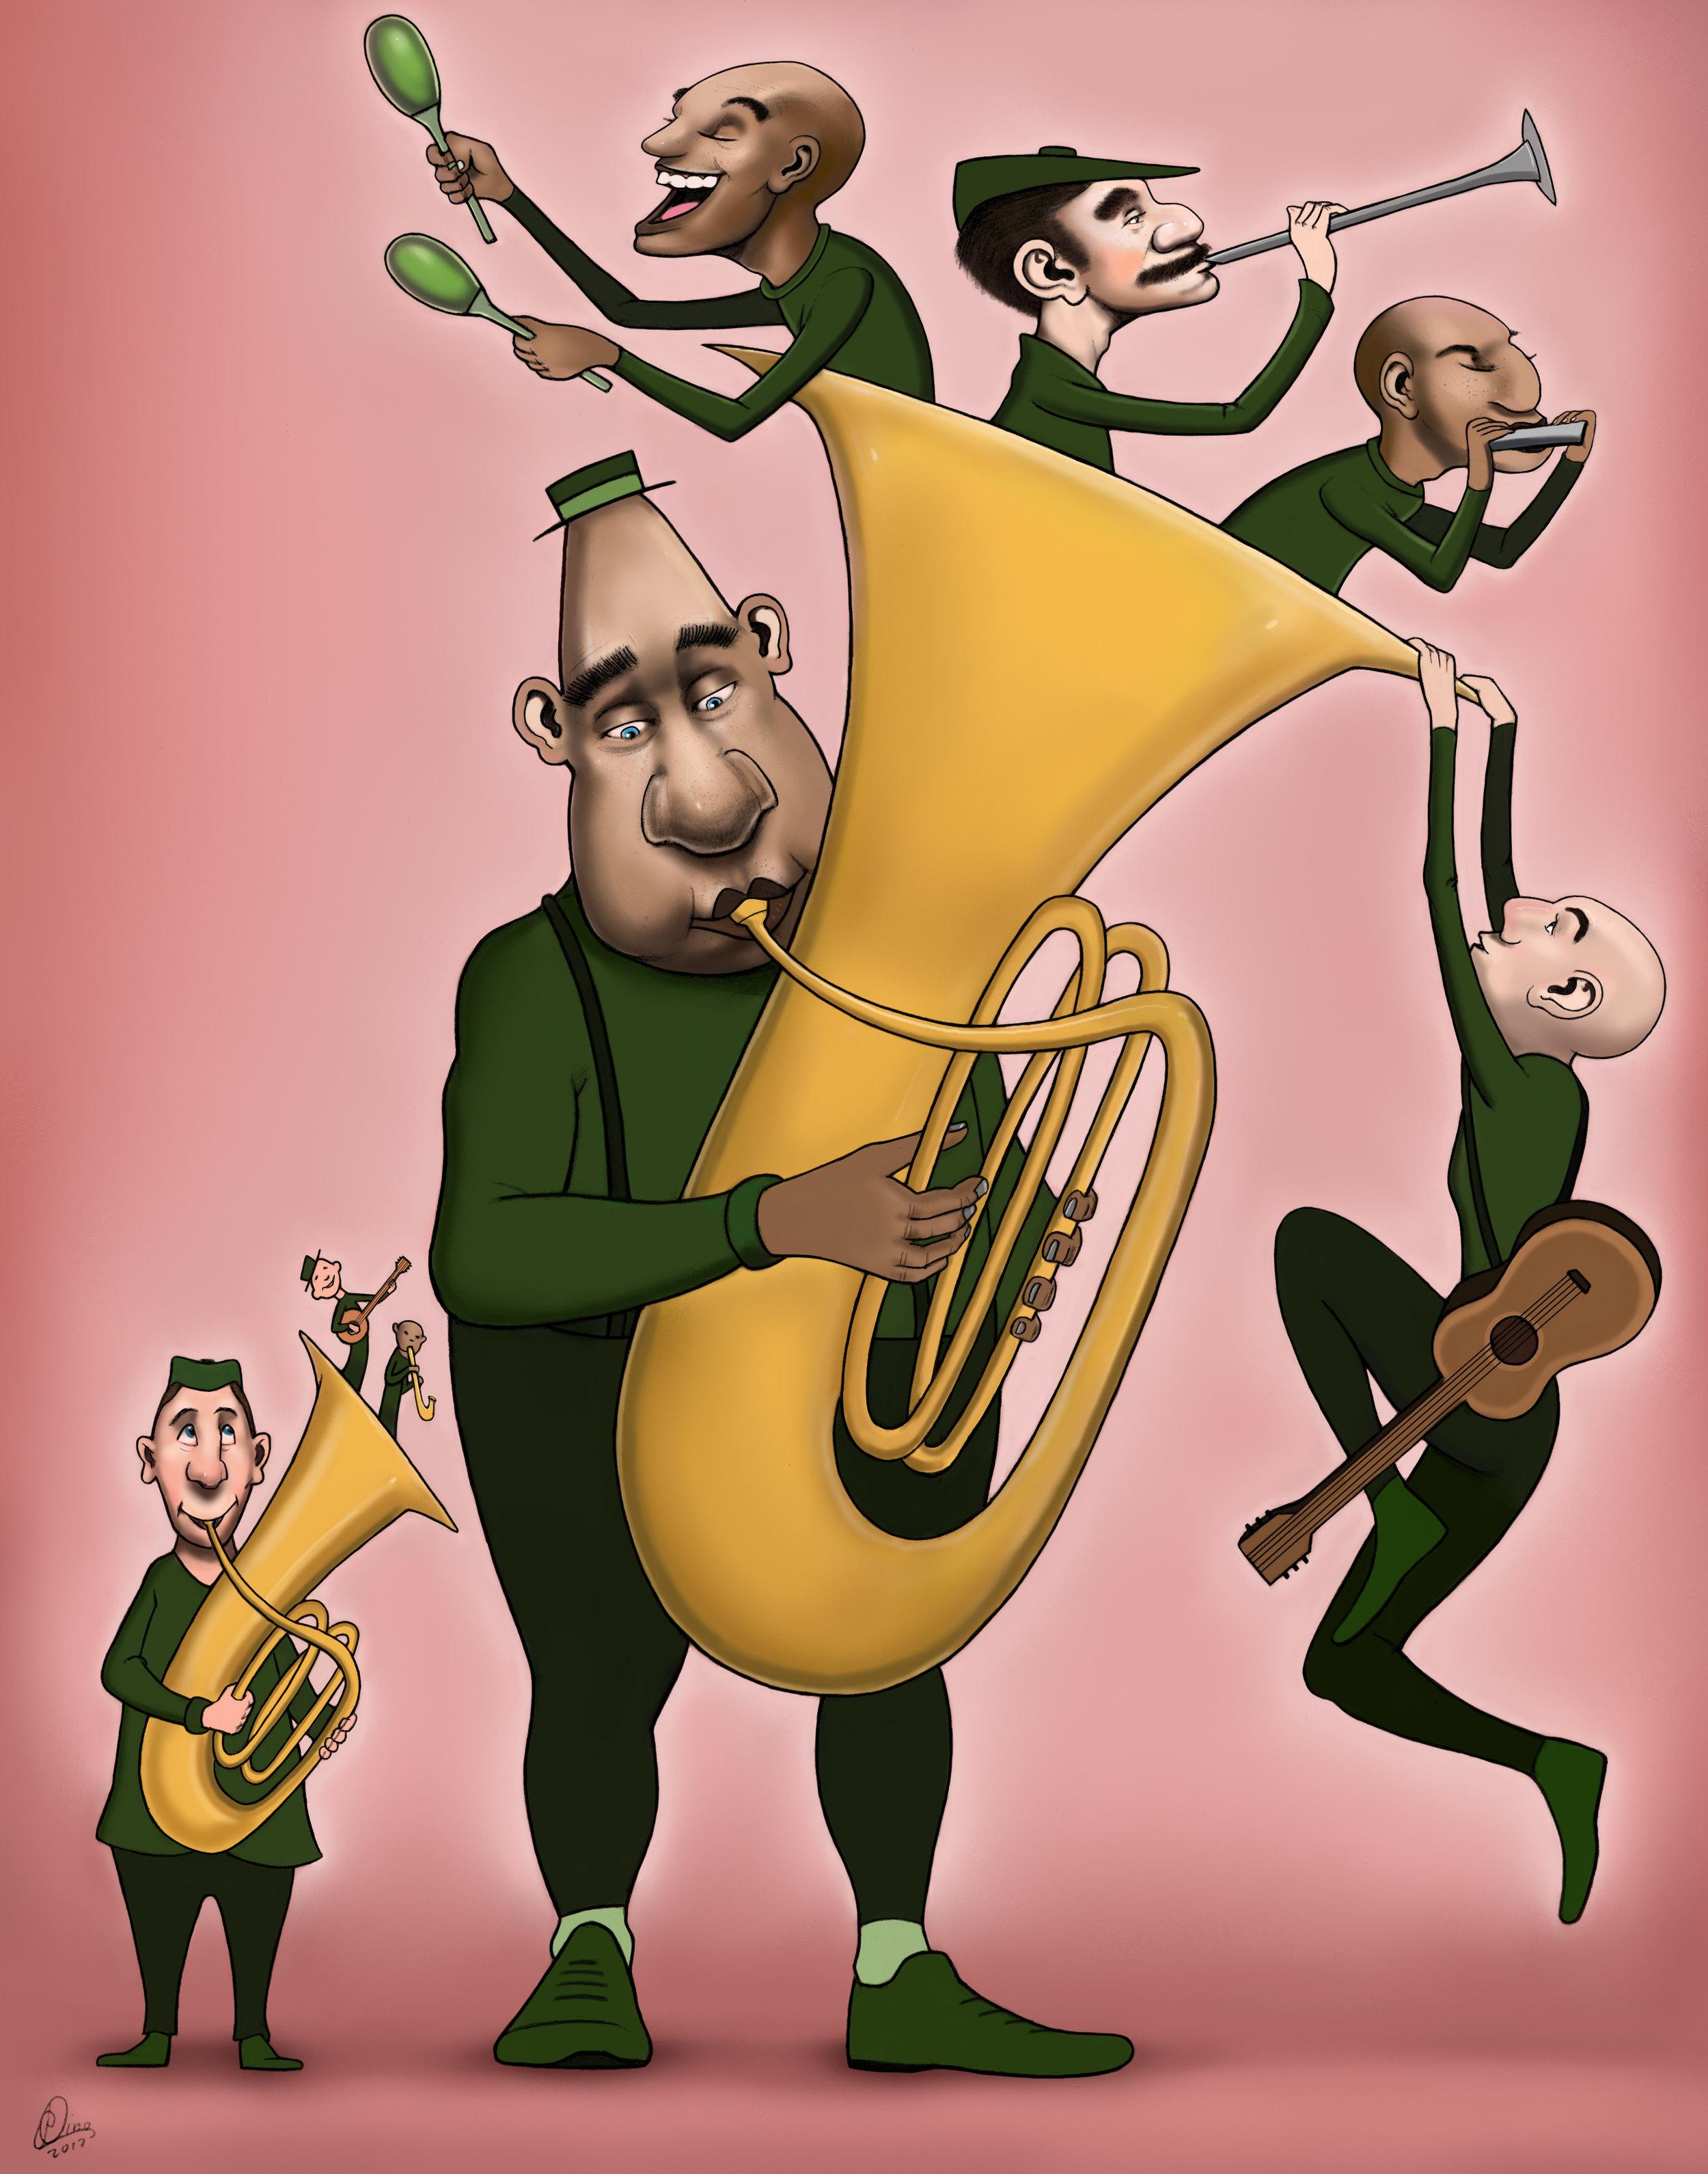 The Tuba Player